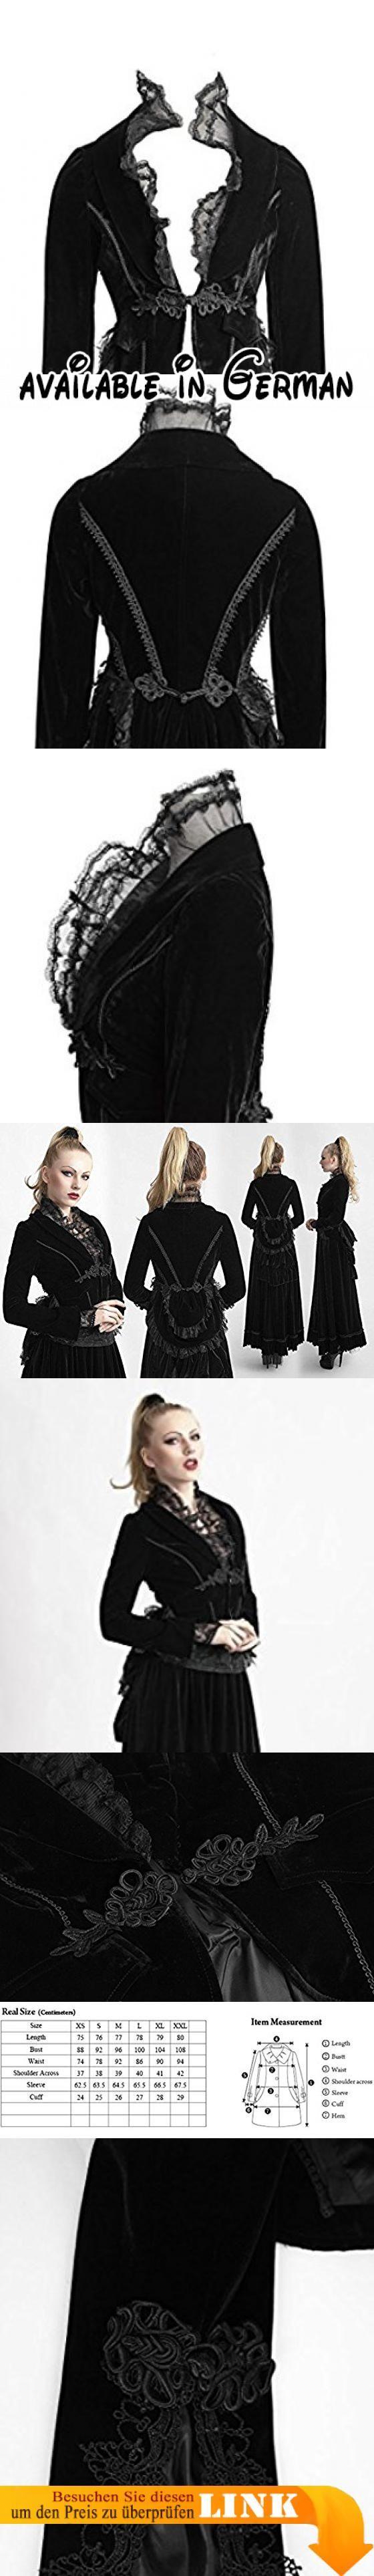 Schwarze Jacke aus Samt mit Spitze elegant Viktorianischer Gothic Punk Rave Gr. x-large, Schwarz - Schwarz.  #Apparel #OUTERWEAR